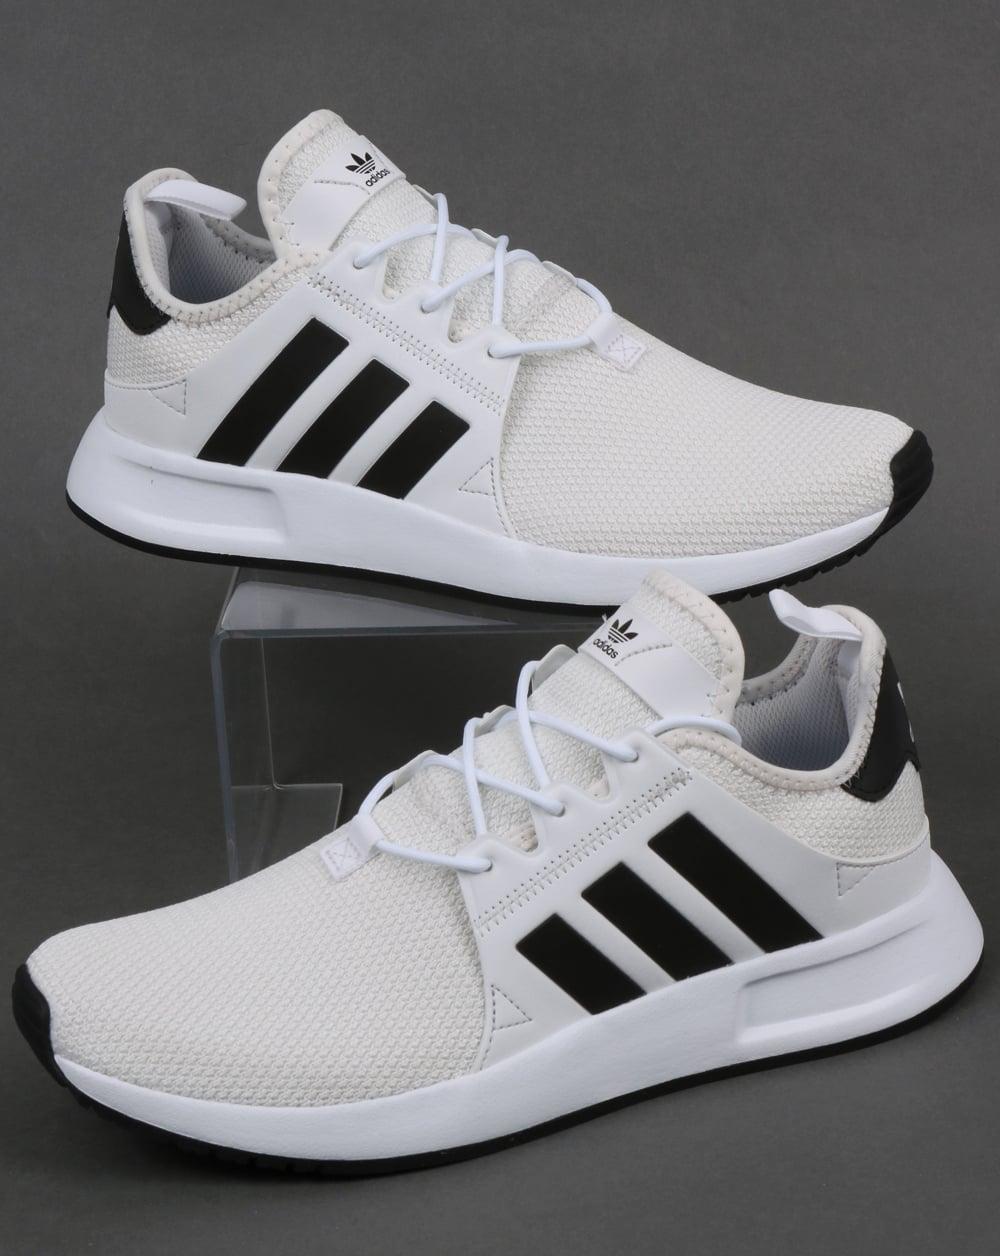 separation shoes 99d13 3f45c Adidas XPLR Trainers White TintBlack